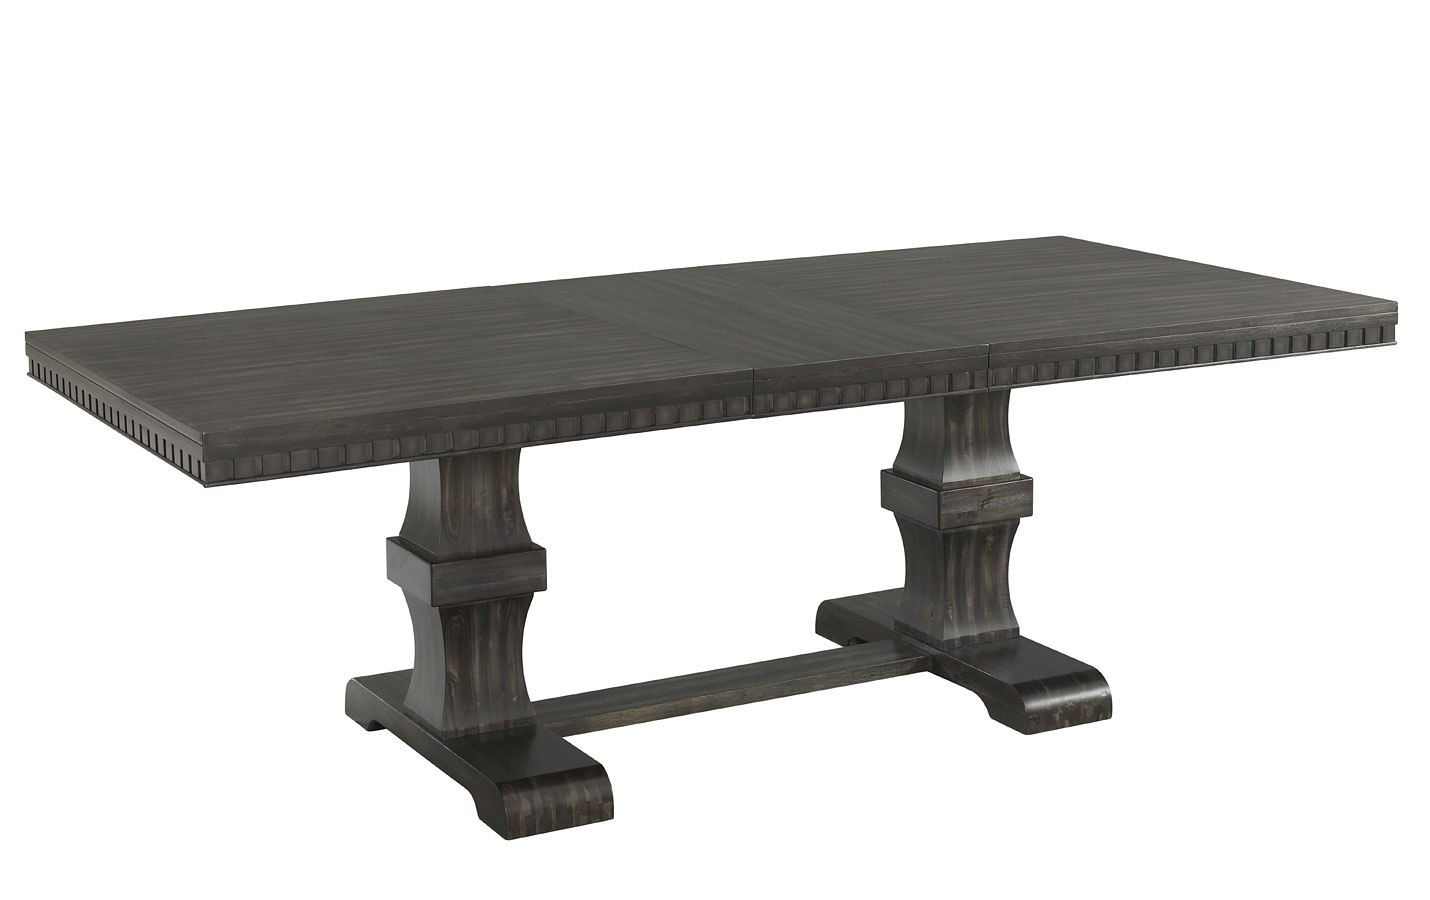 Morrison Dining Room Set W/ Upholstered Bench Elements ...